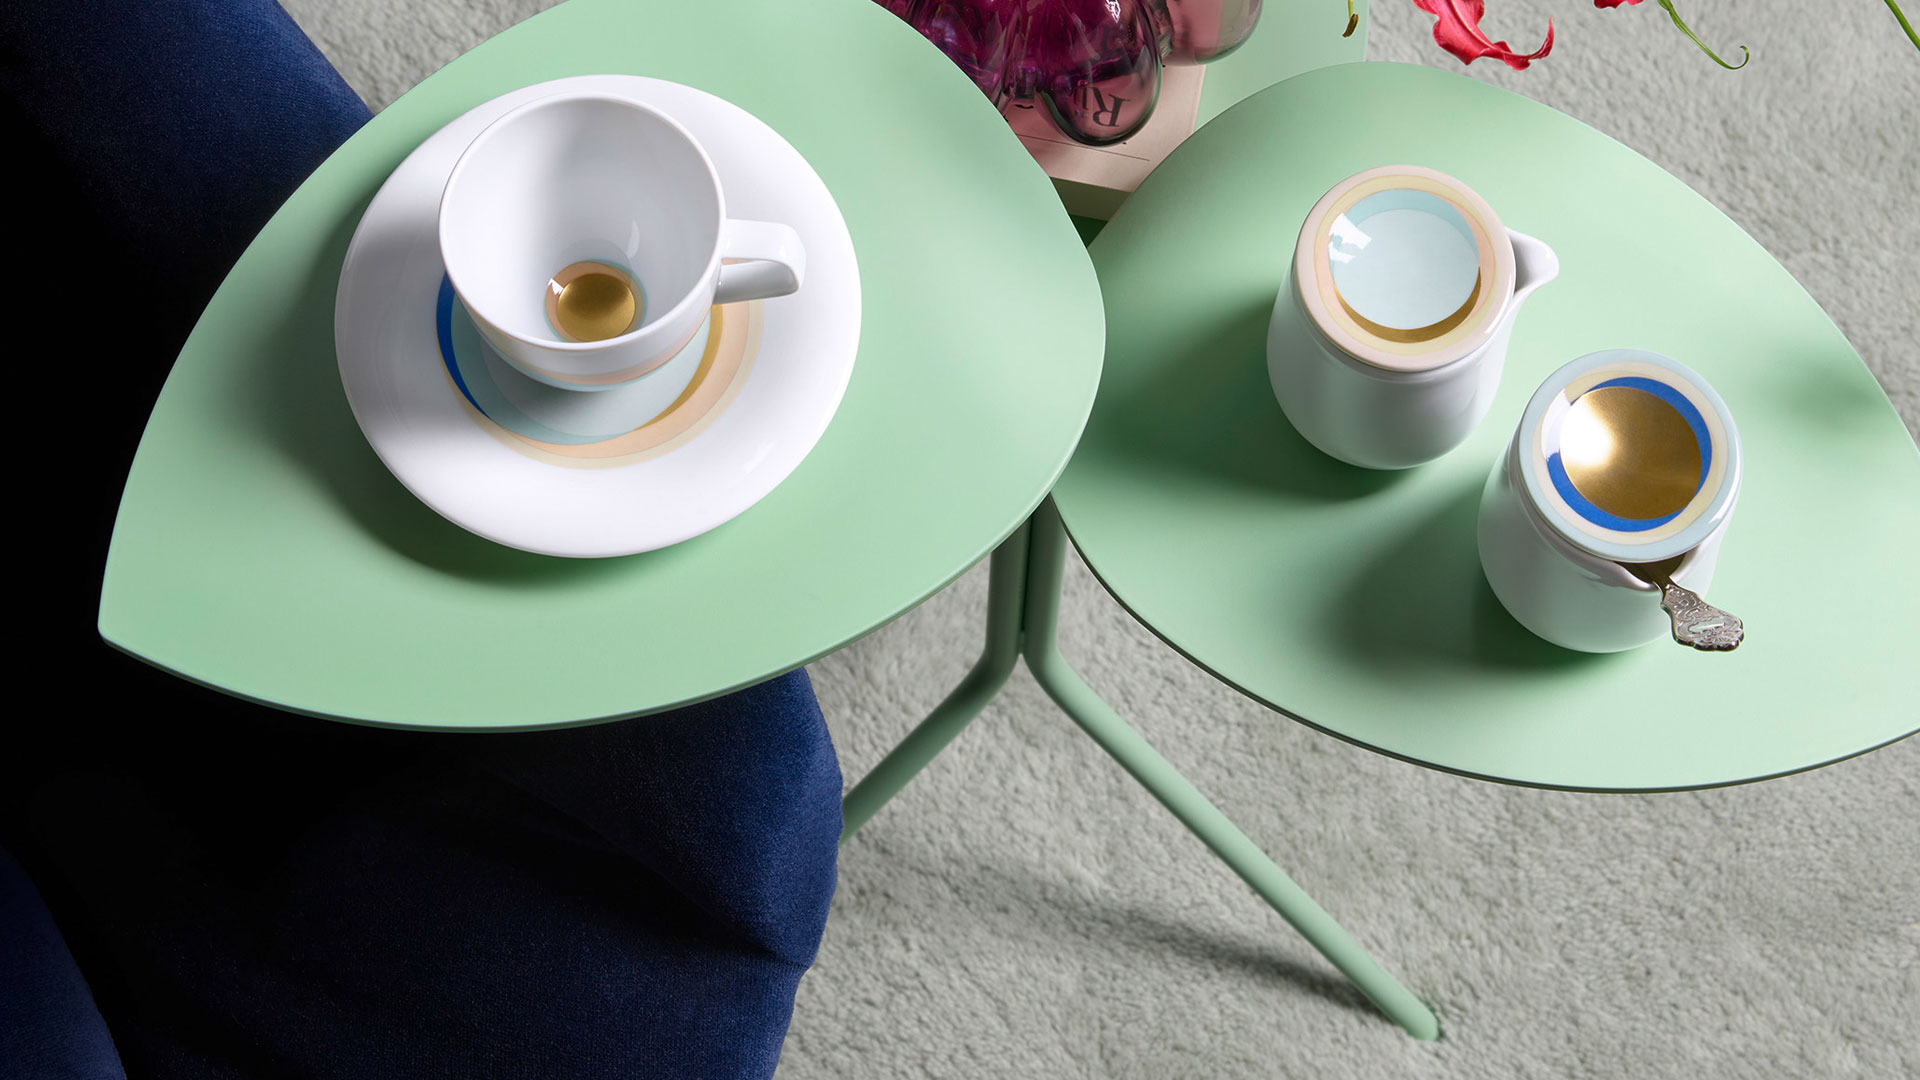 Aufsicht auf ein kleines hellgrünes Tischchen nit Zuckerdose und Gießer und Espressotasse